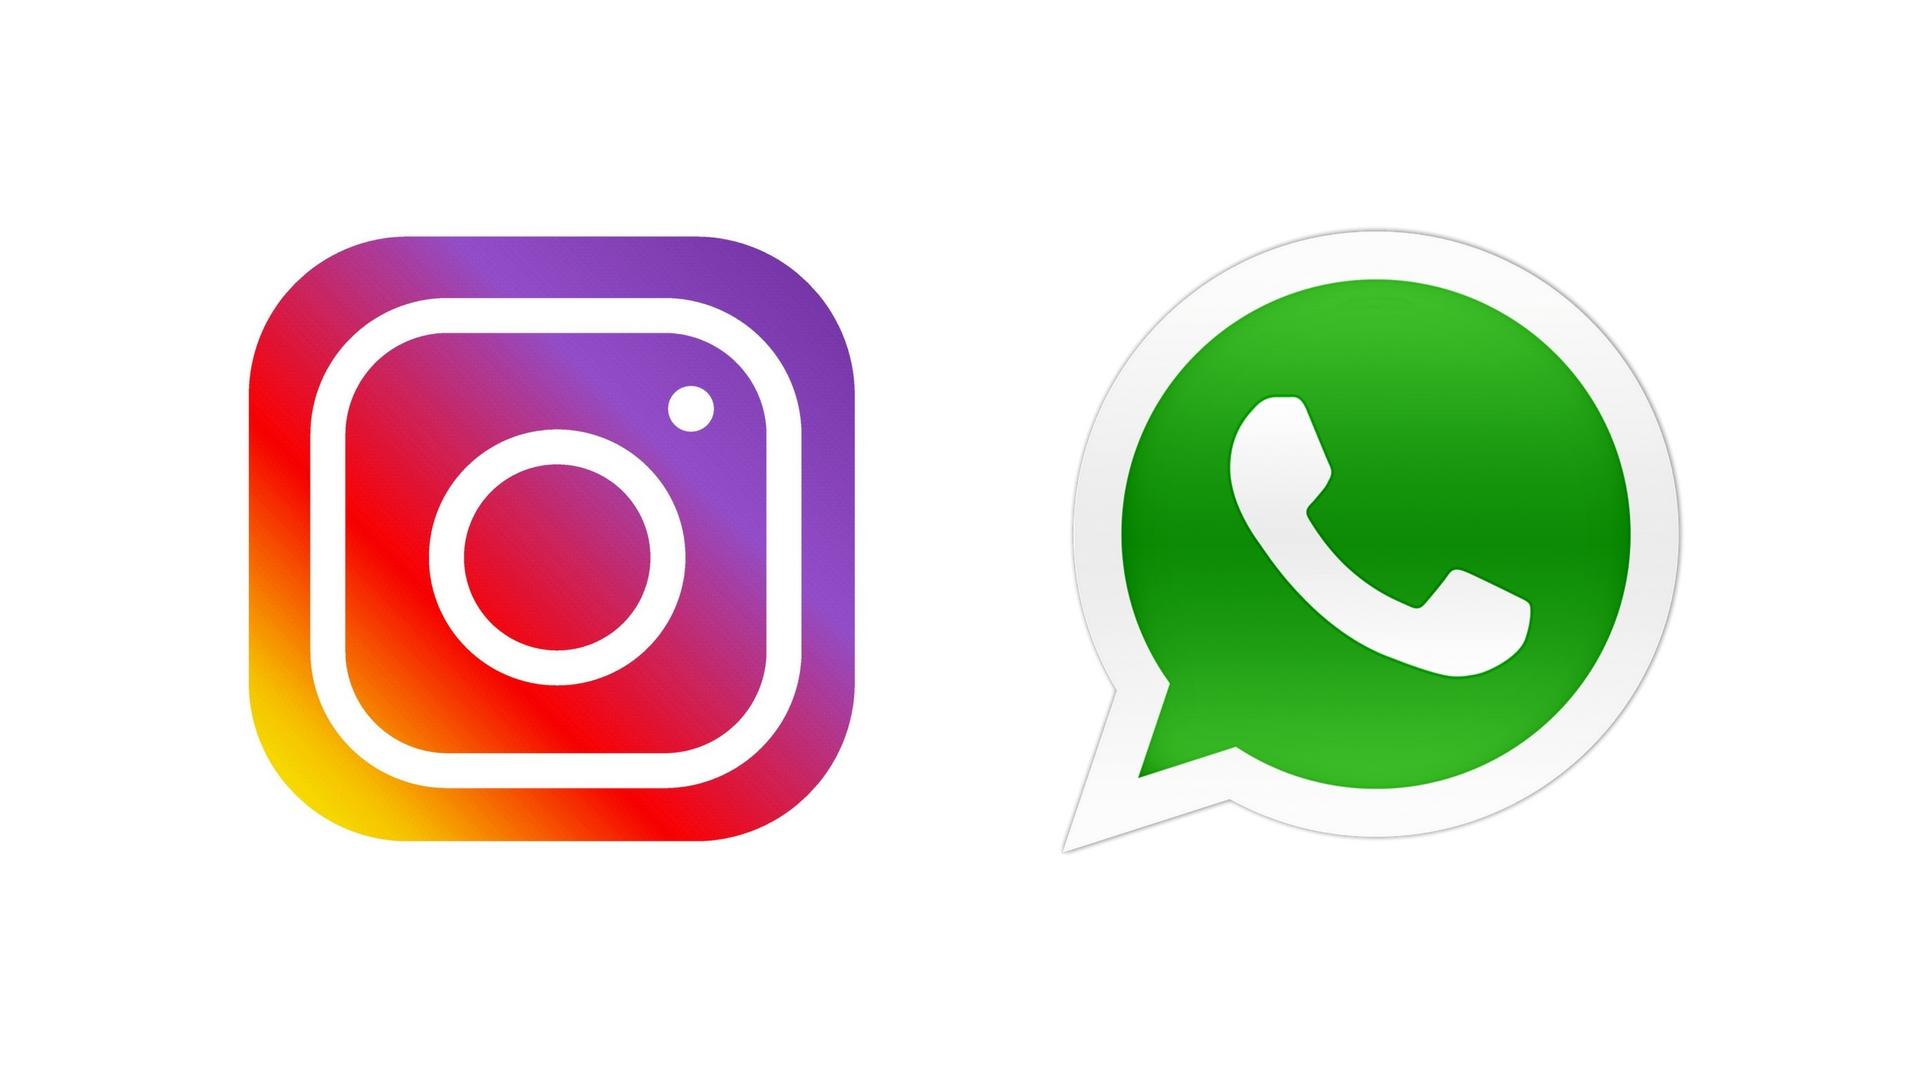 https://geeksroom.com/wp-content/uploads/2017/11/instagram-whatsapp-logos.jpg